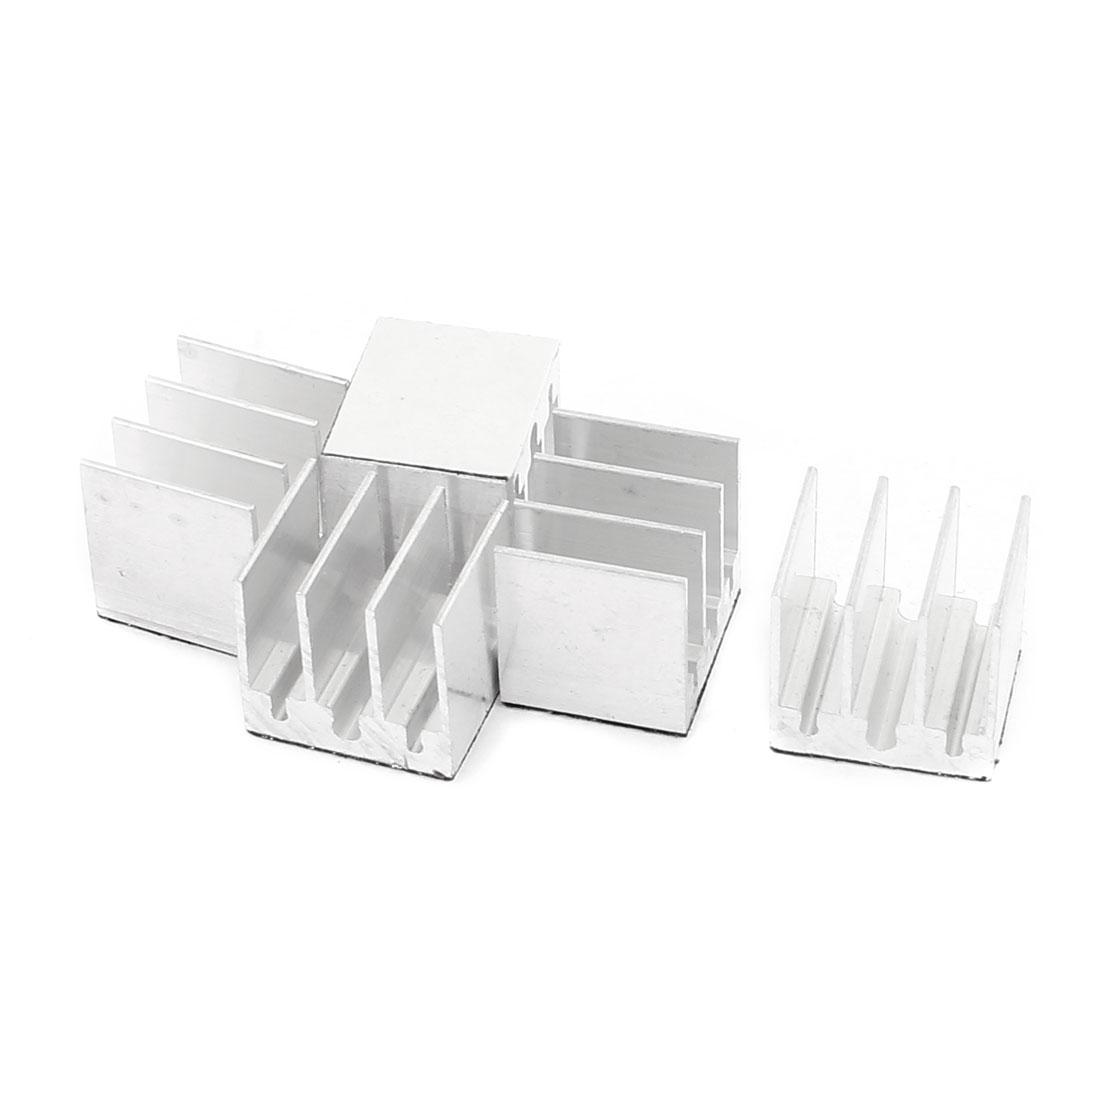 Square Aluminum 14 x 16.5 x 15mm Heatsink Radiator Fin Silver Tone 5 Pcs for CPU